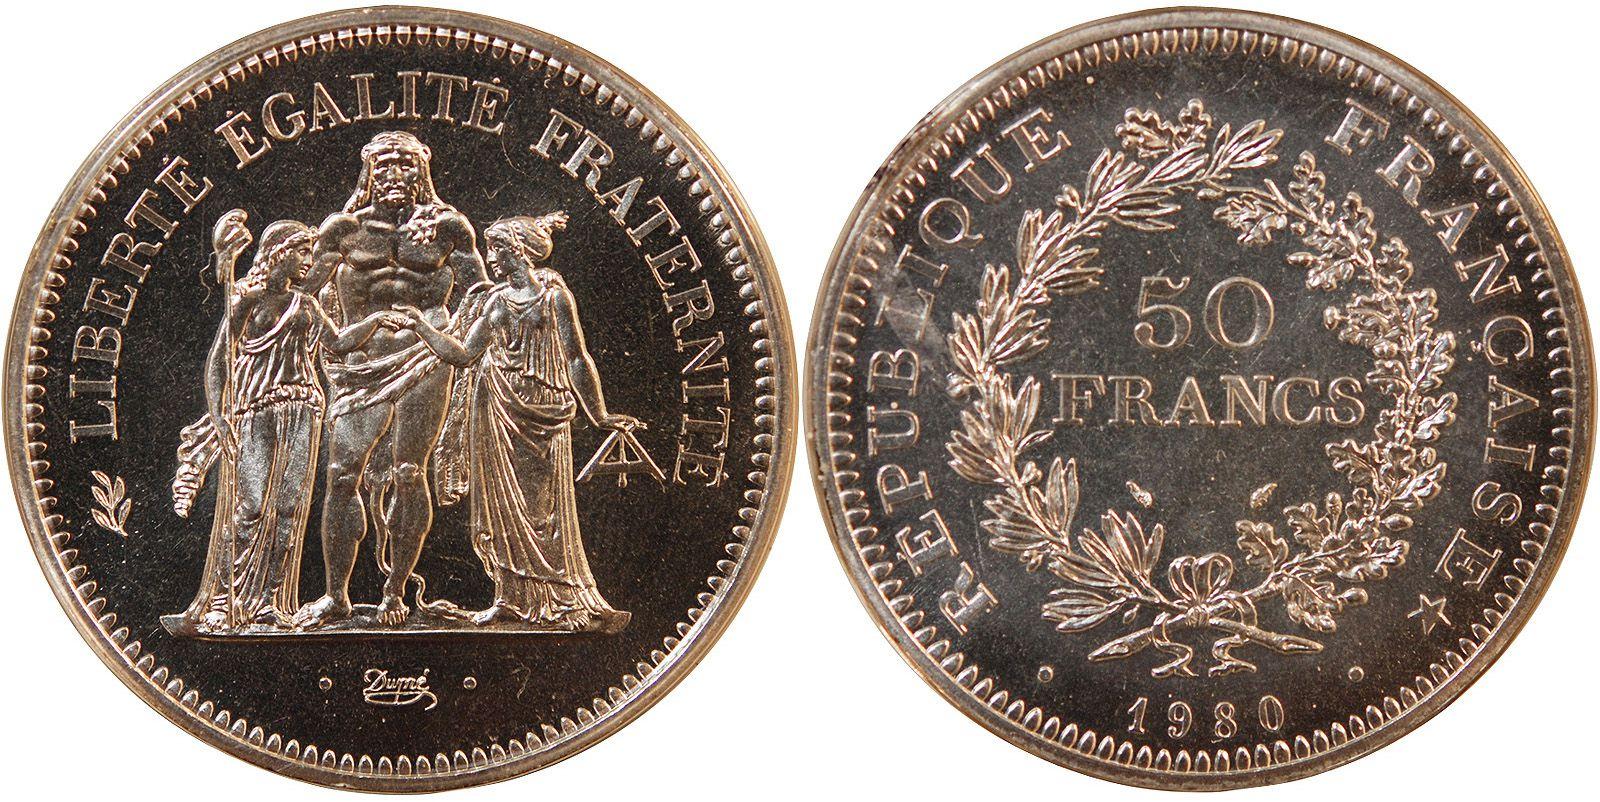 France 50 Francs Hercule - 1980 Argent